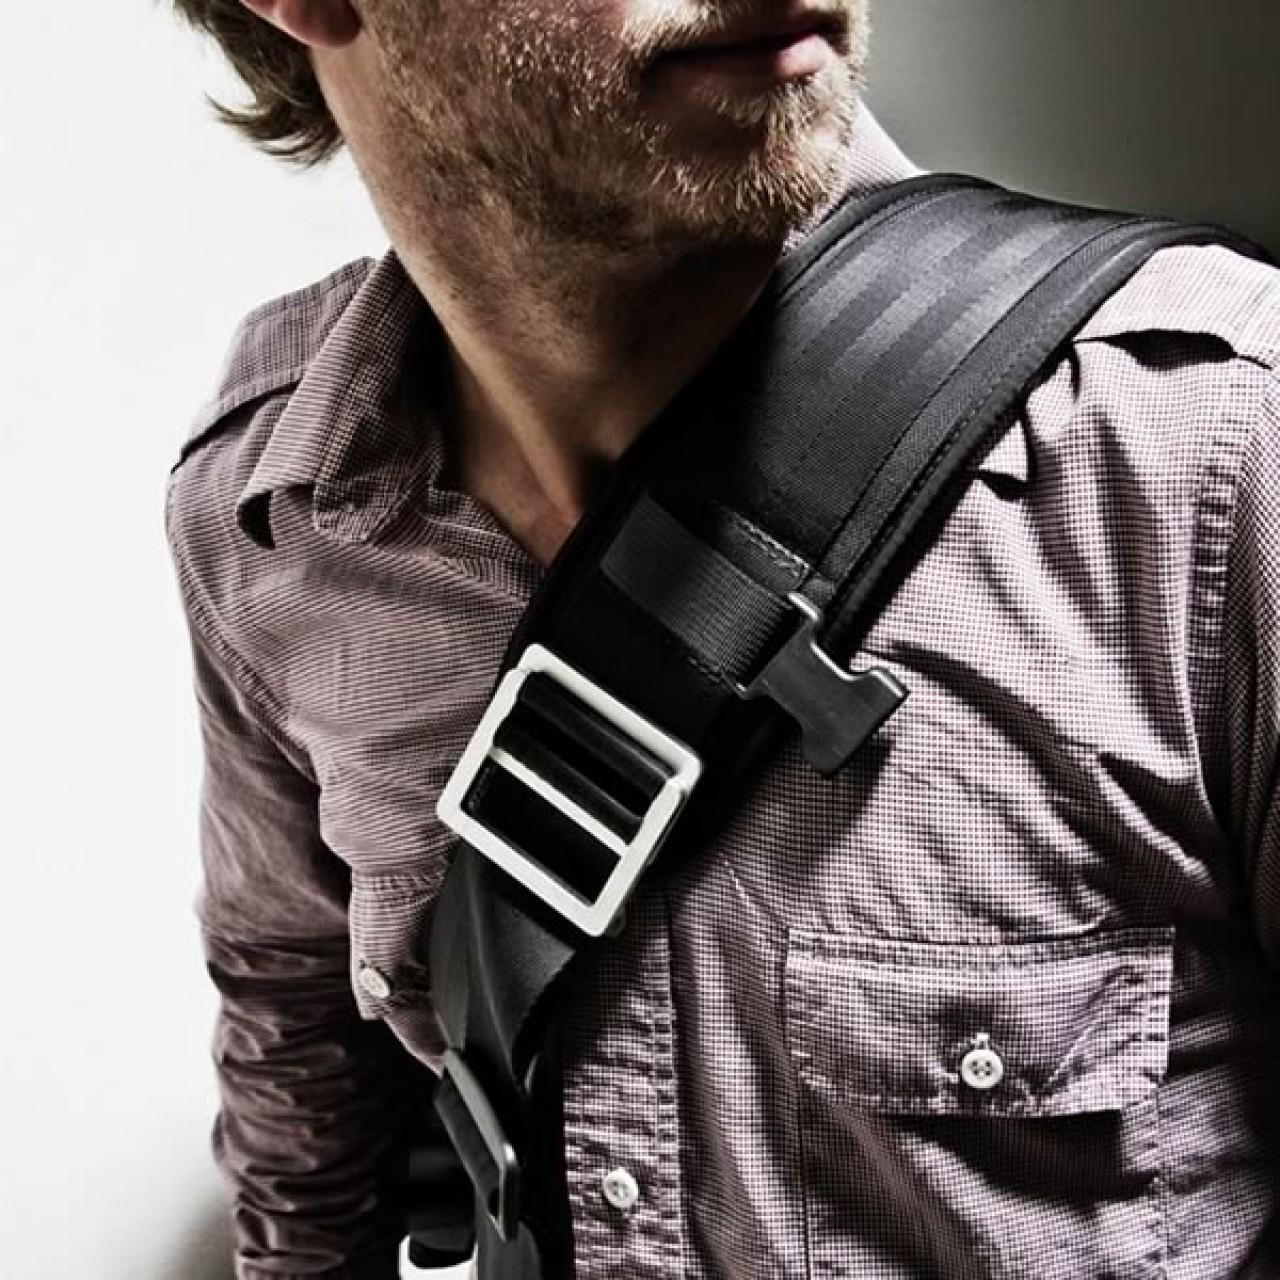 Mission Workshop - Messenger Bag Shoulder Strap, 44,90 €